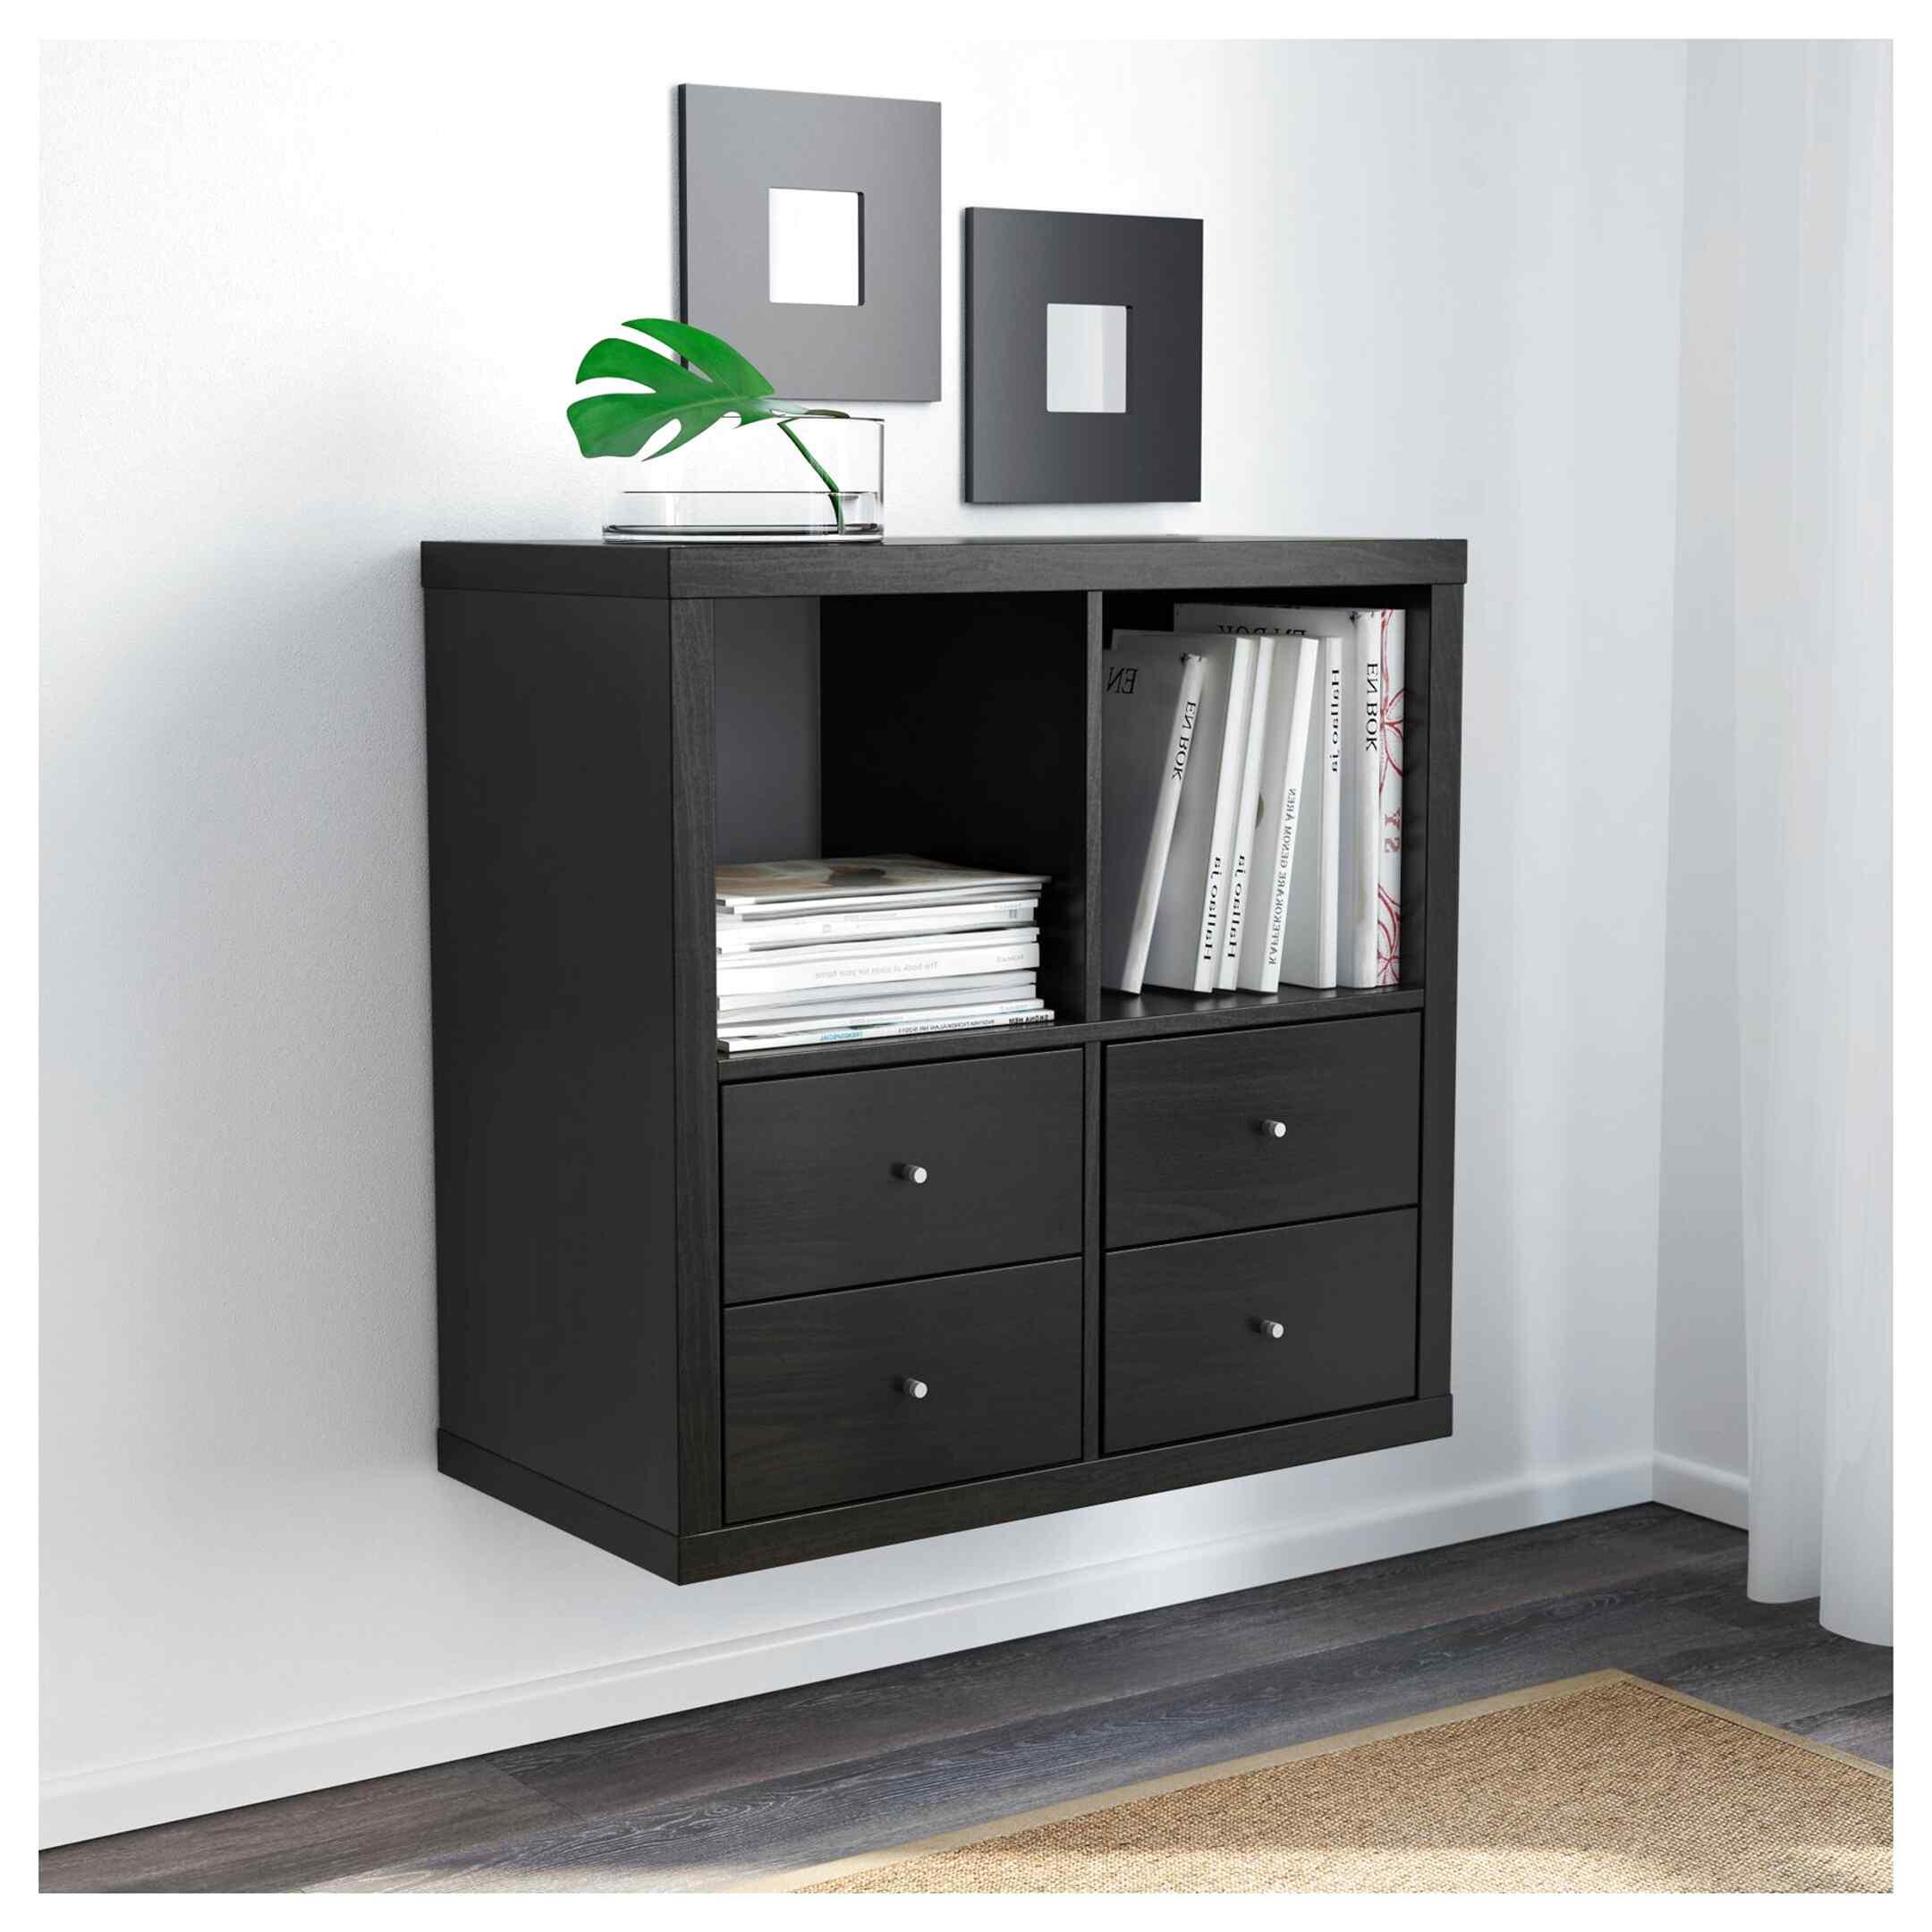 kallax shelf for sale